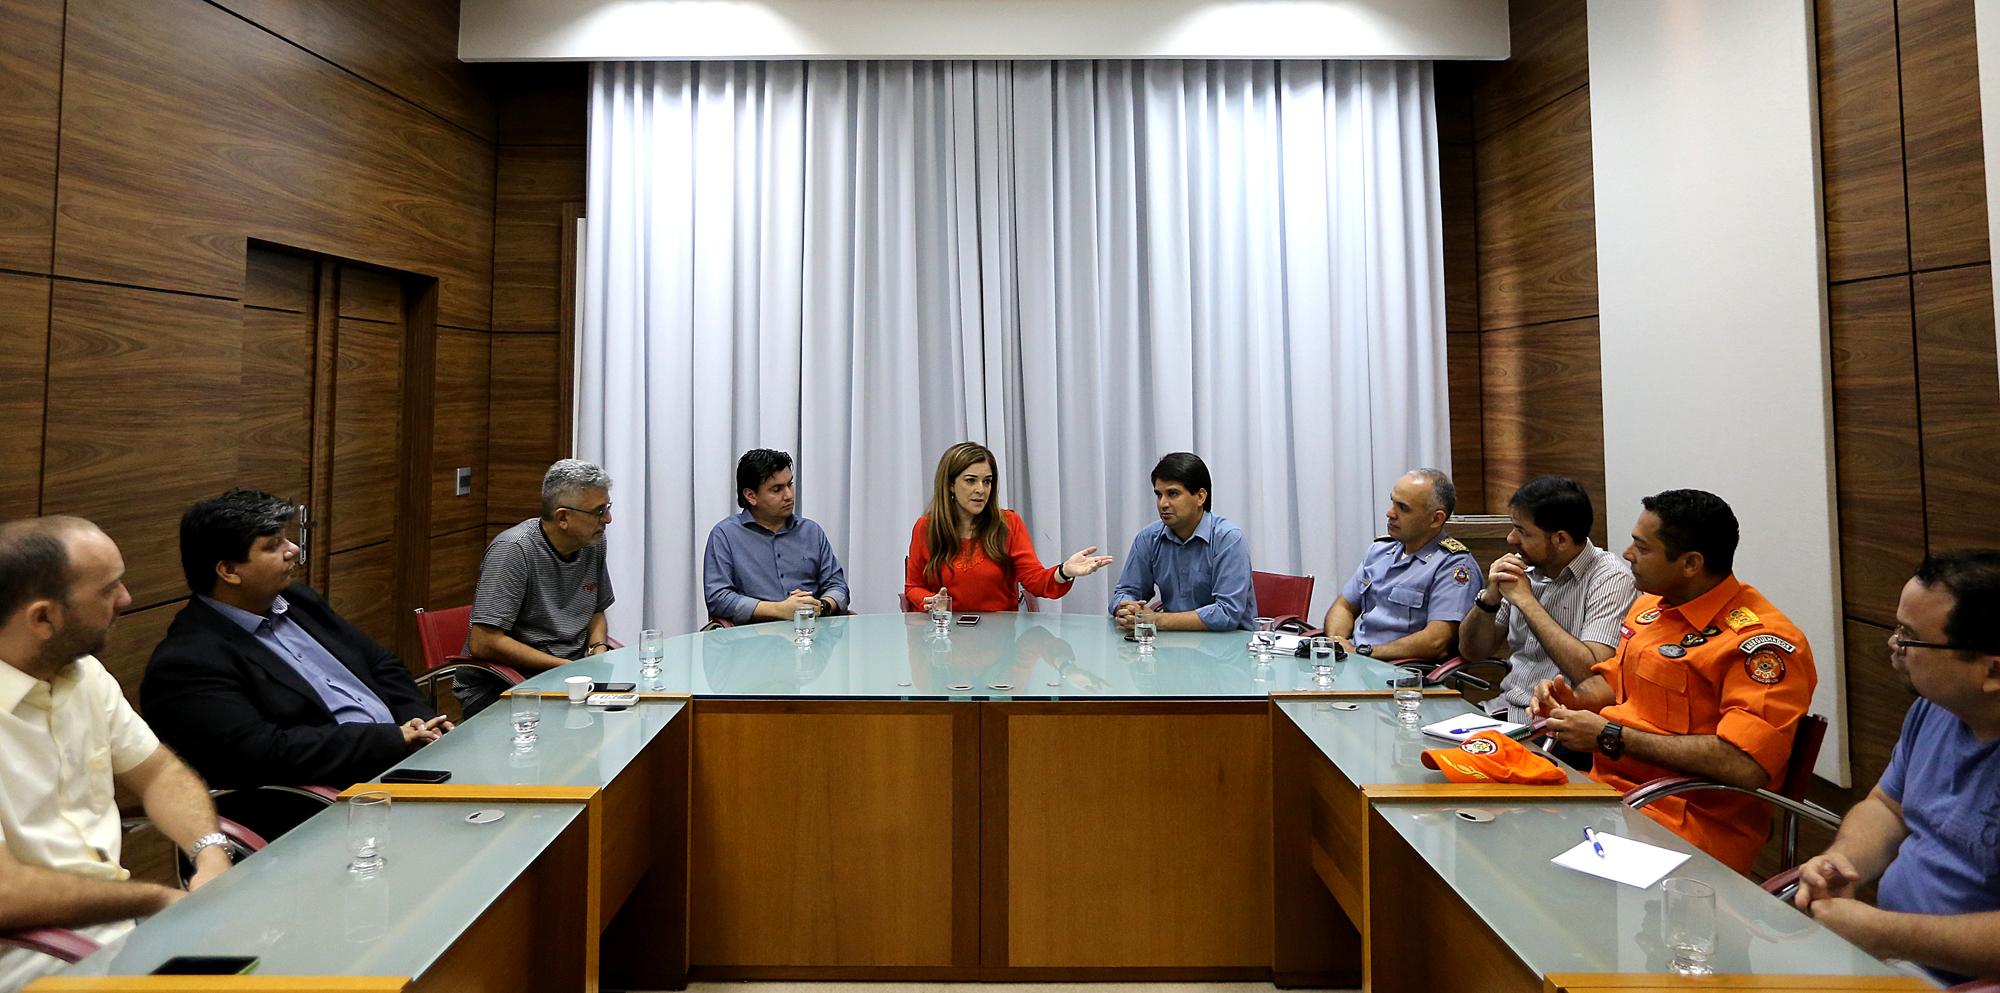 Reunião entre a governadora Nazareth Araújo e membros do Sistema Integrado de Segurança Pública definiu ações estratégicas (Foto: Sérgio Vale/Secom)